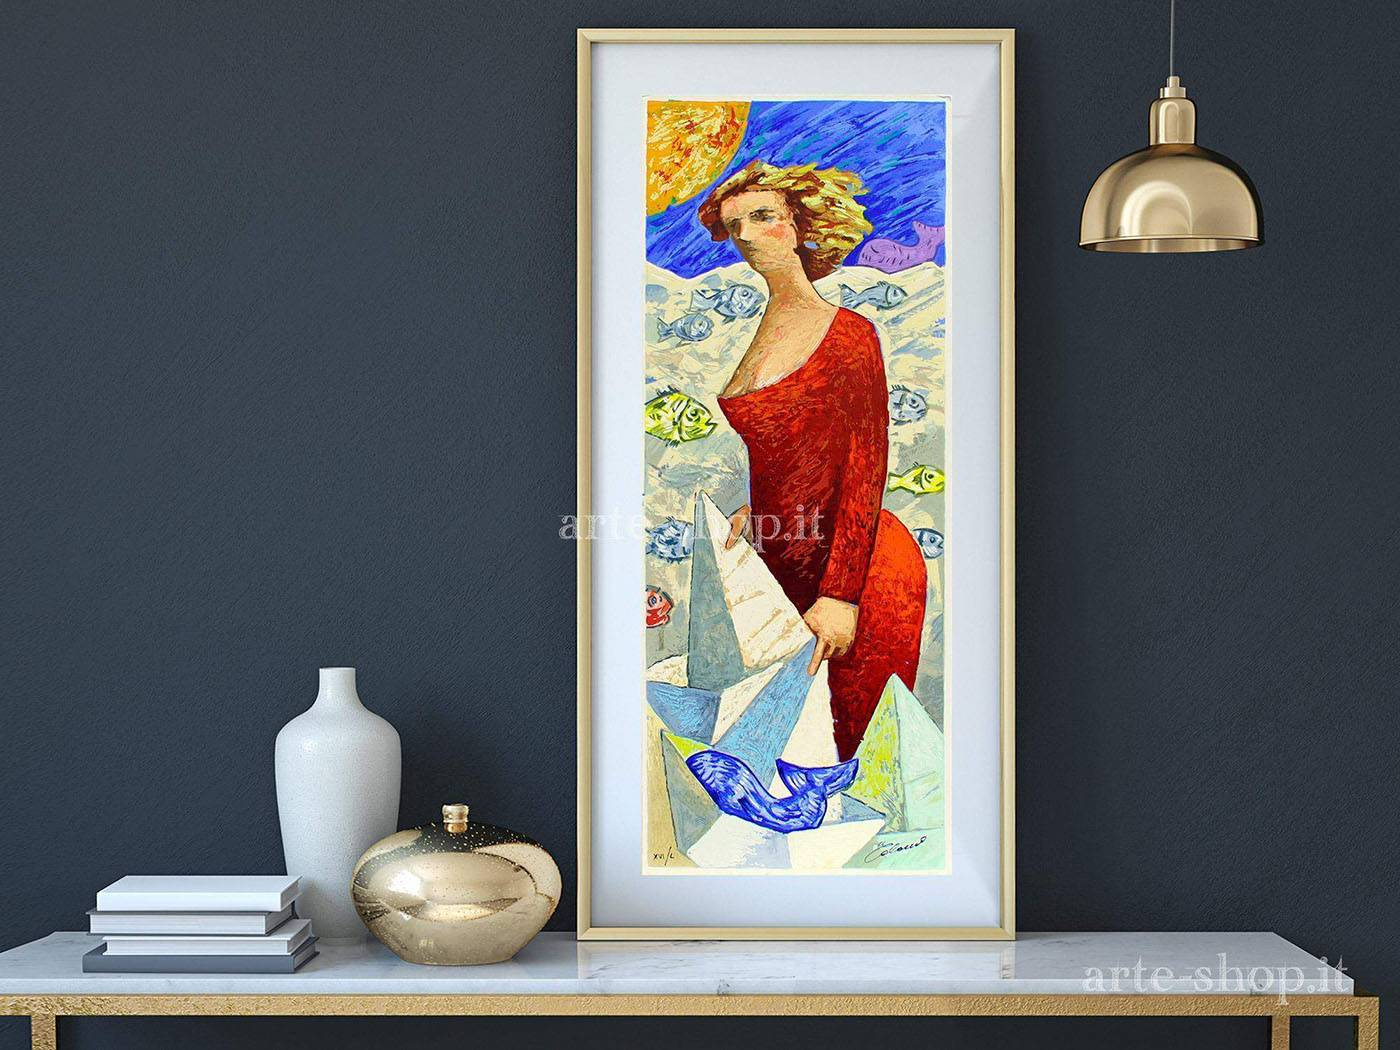 Serigrafia Giampaolo Talani - Le barche del viaggio: una donna